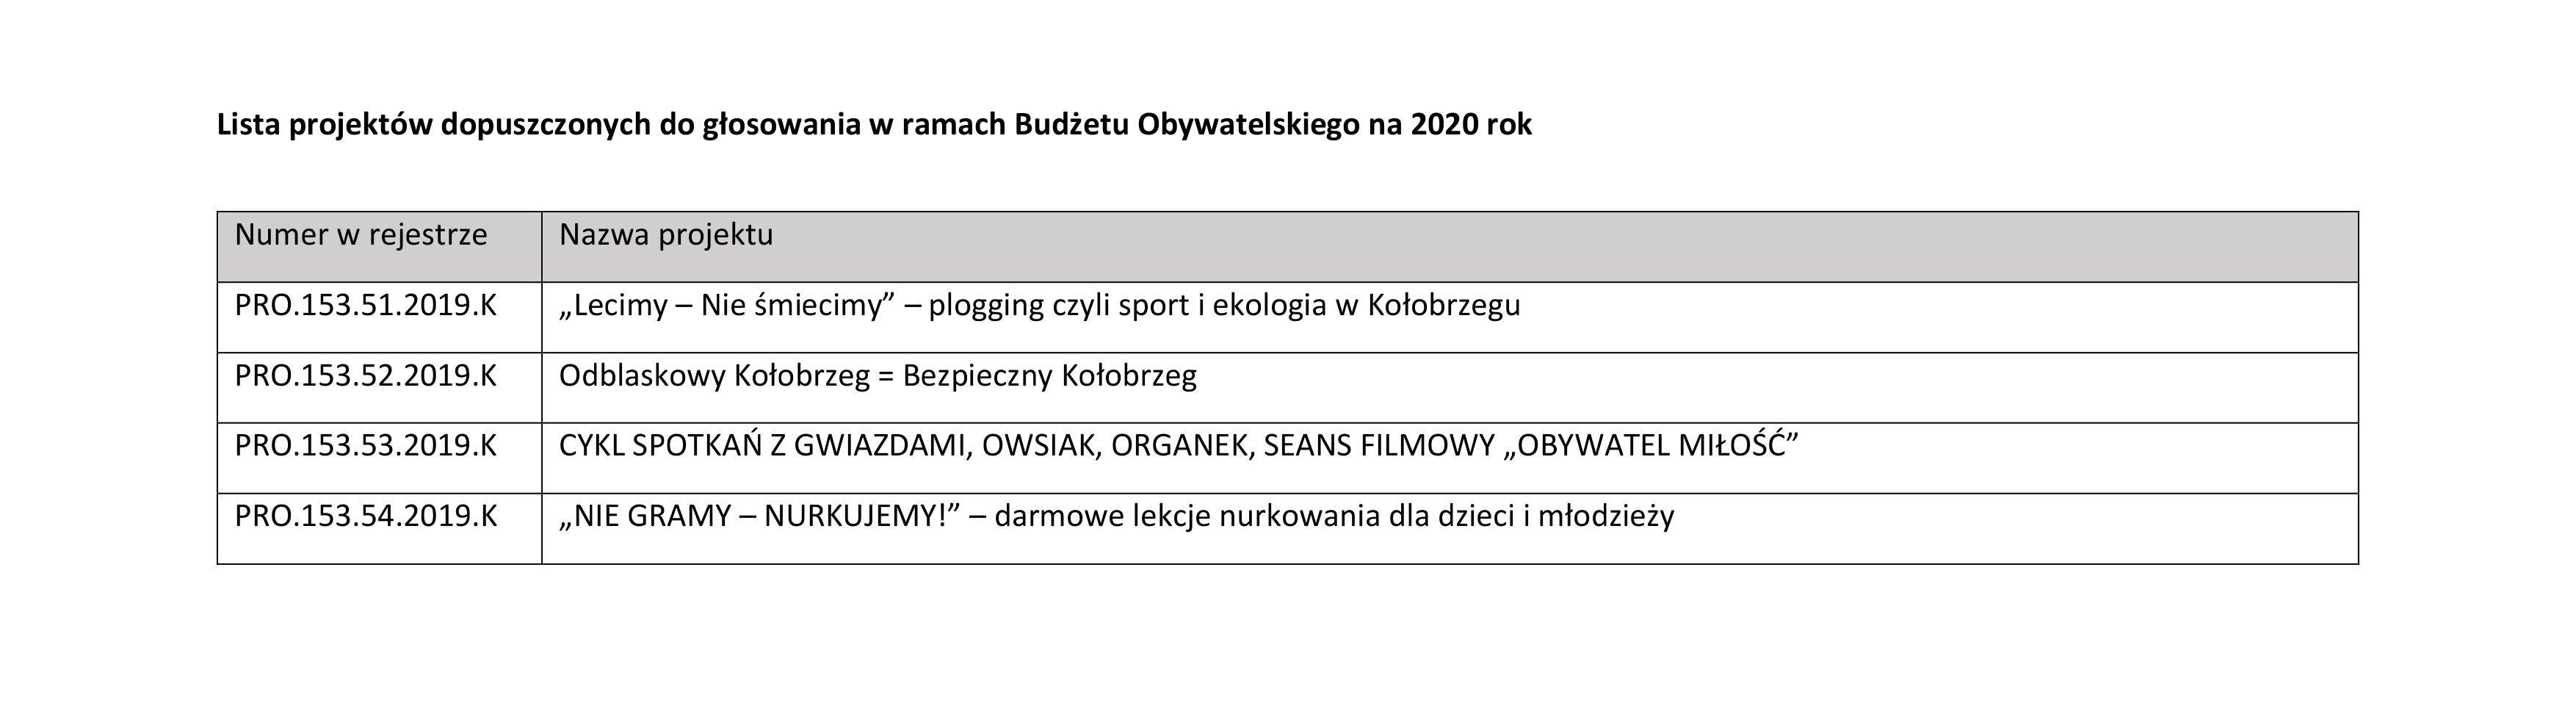 0003 e1570011954413 - Jakie projekty wpłynęły do Budżetu Obywatelskiego? Jest m.in. Jadłodzielnia i interaktywny plac zabaw przy Frankowskiego (lista)